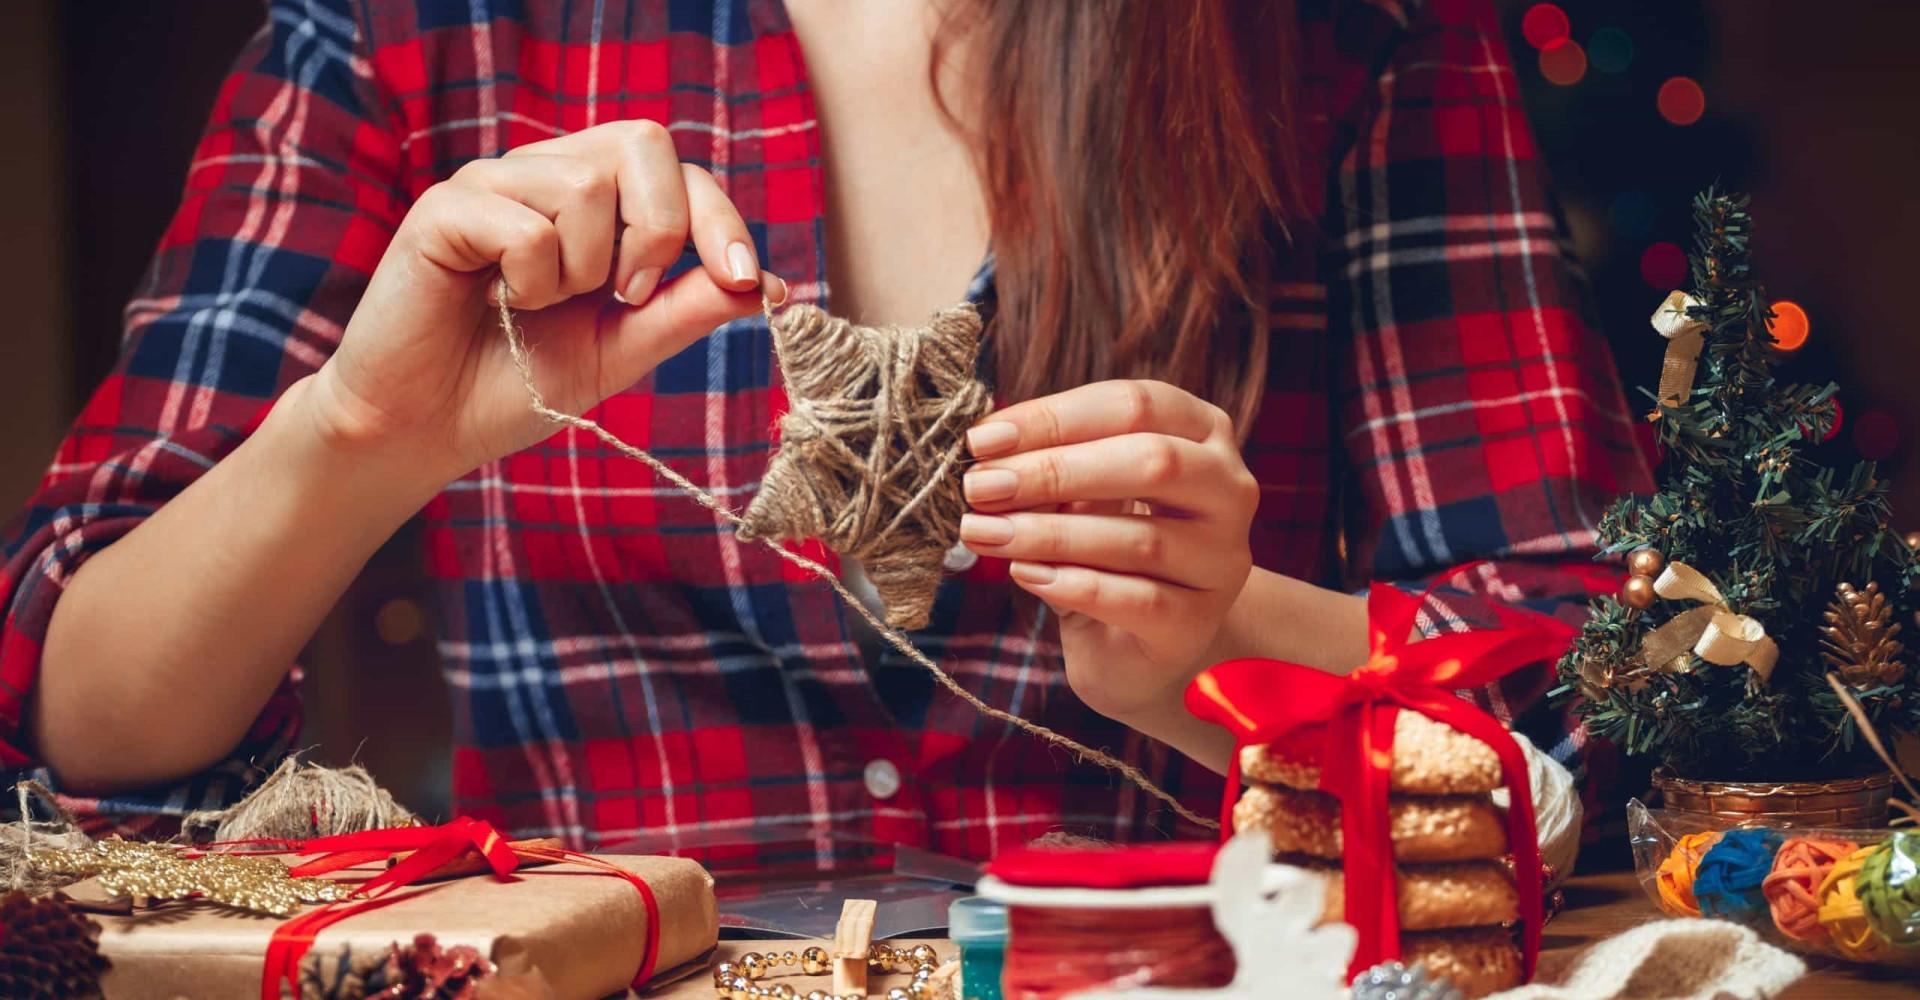 Haz los regalos más originales (y baratos) esta Navidad